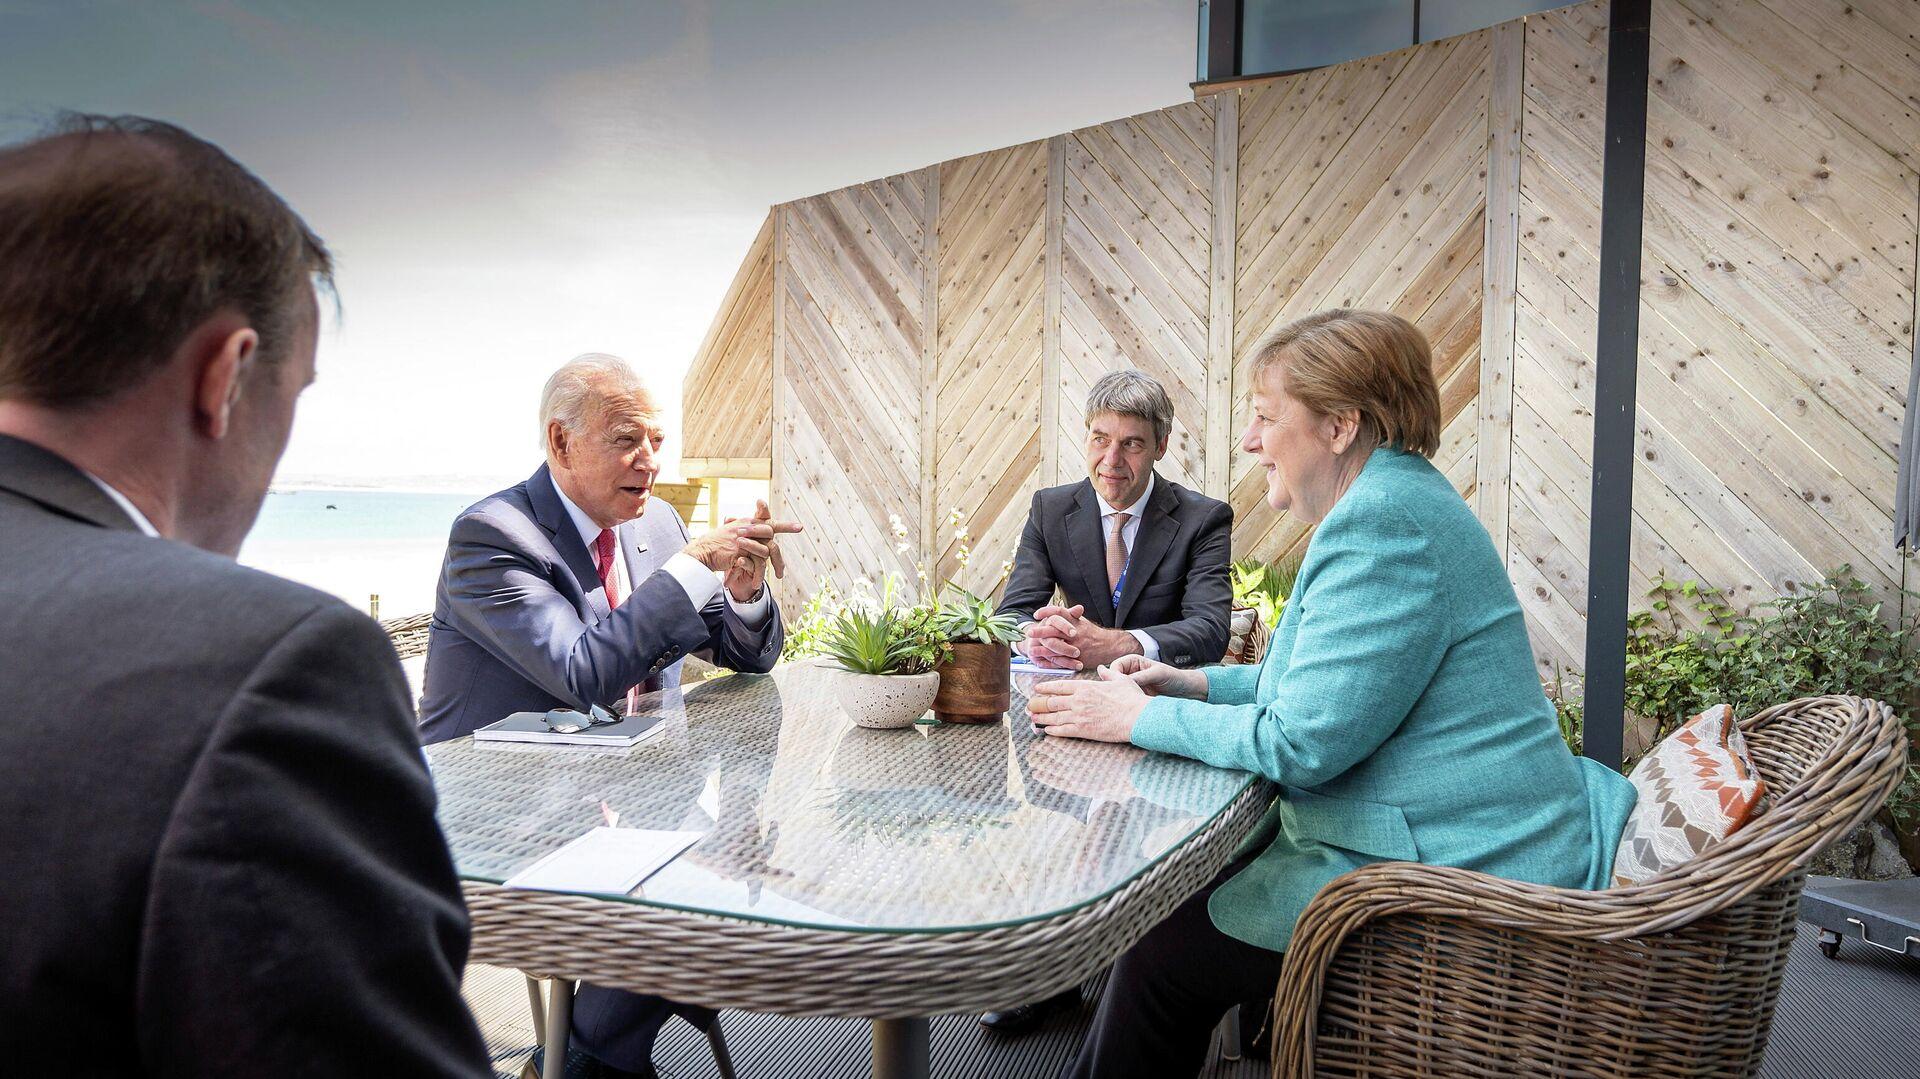 El presidente de EEUU, Joe Biden, y la canciller de Alemania, Angela Merkel - Sputnik Mundo, 1920, 12.06.2021